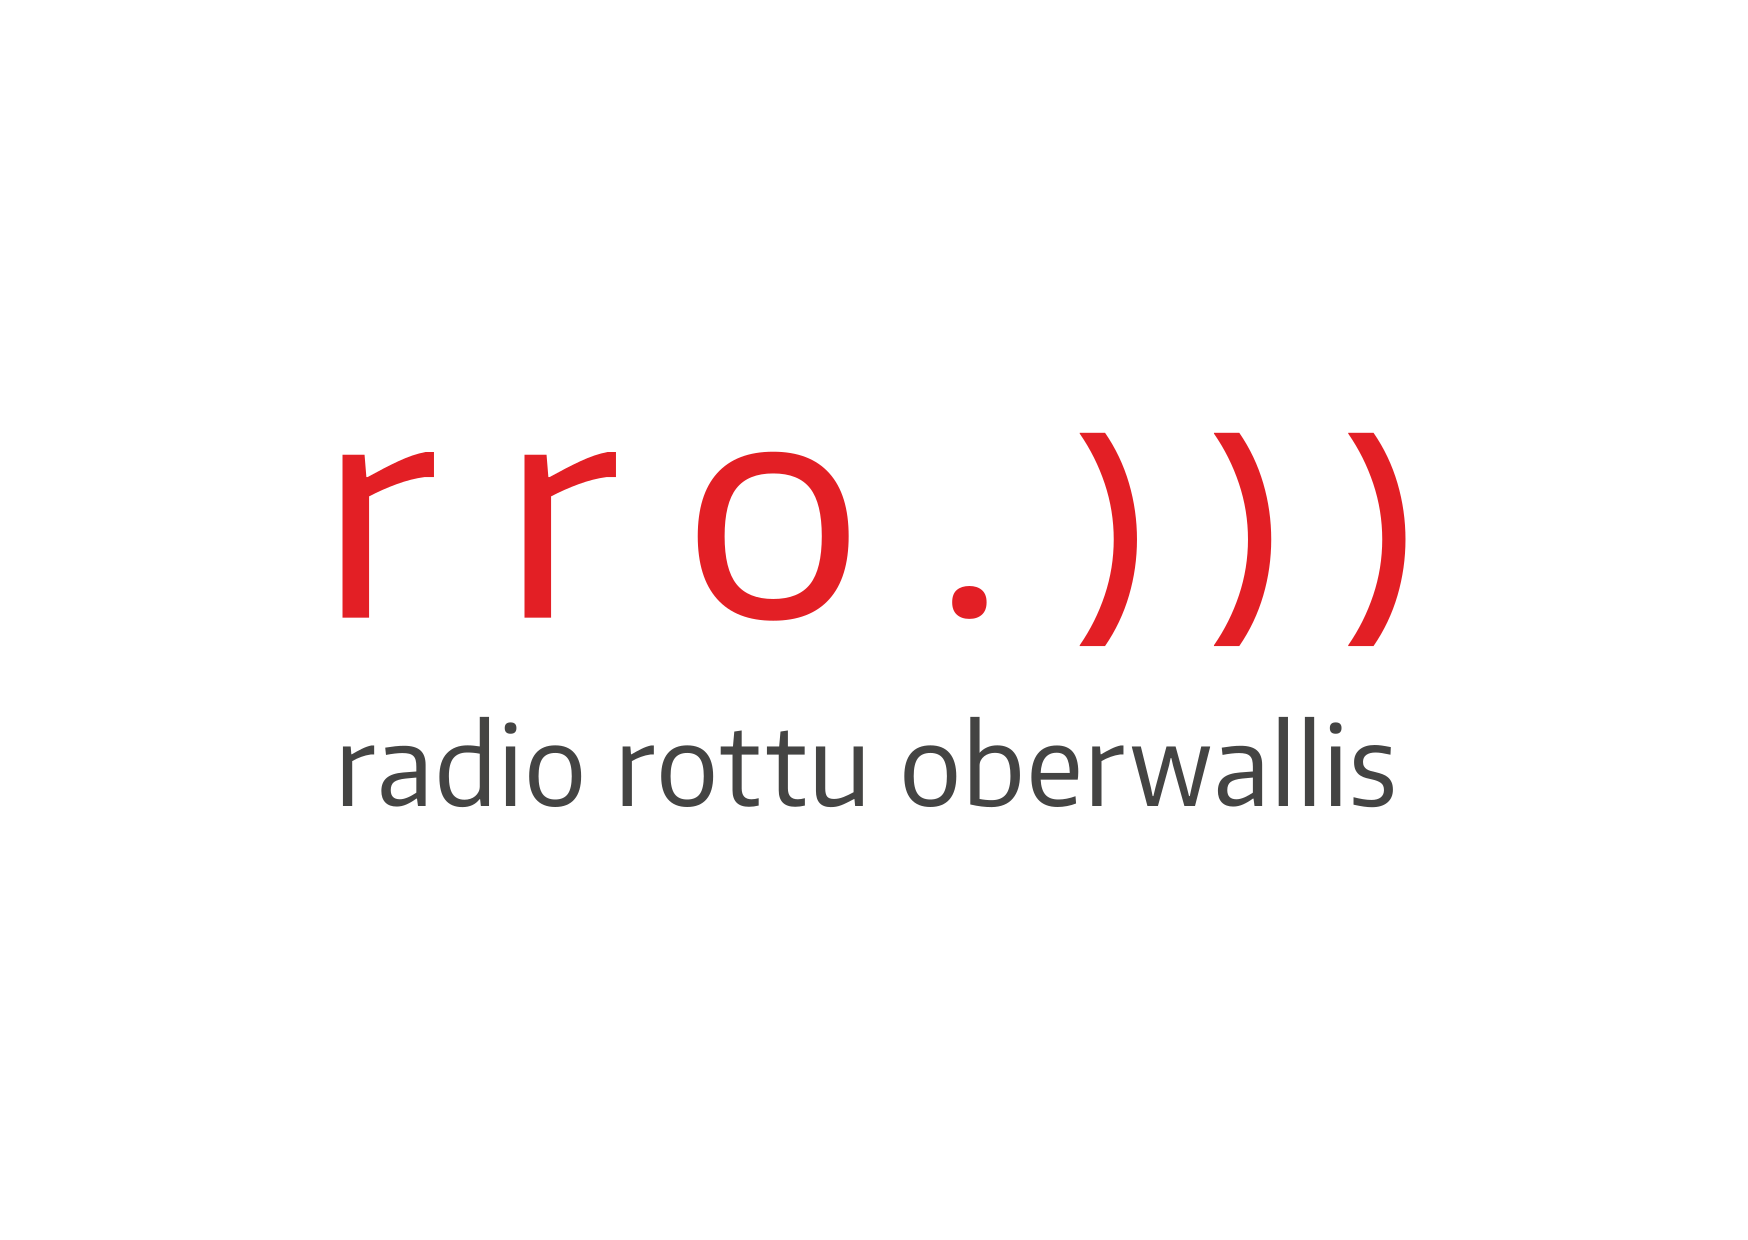 Radio Rottu Oberwallis